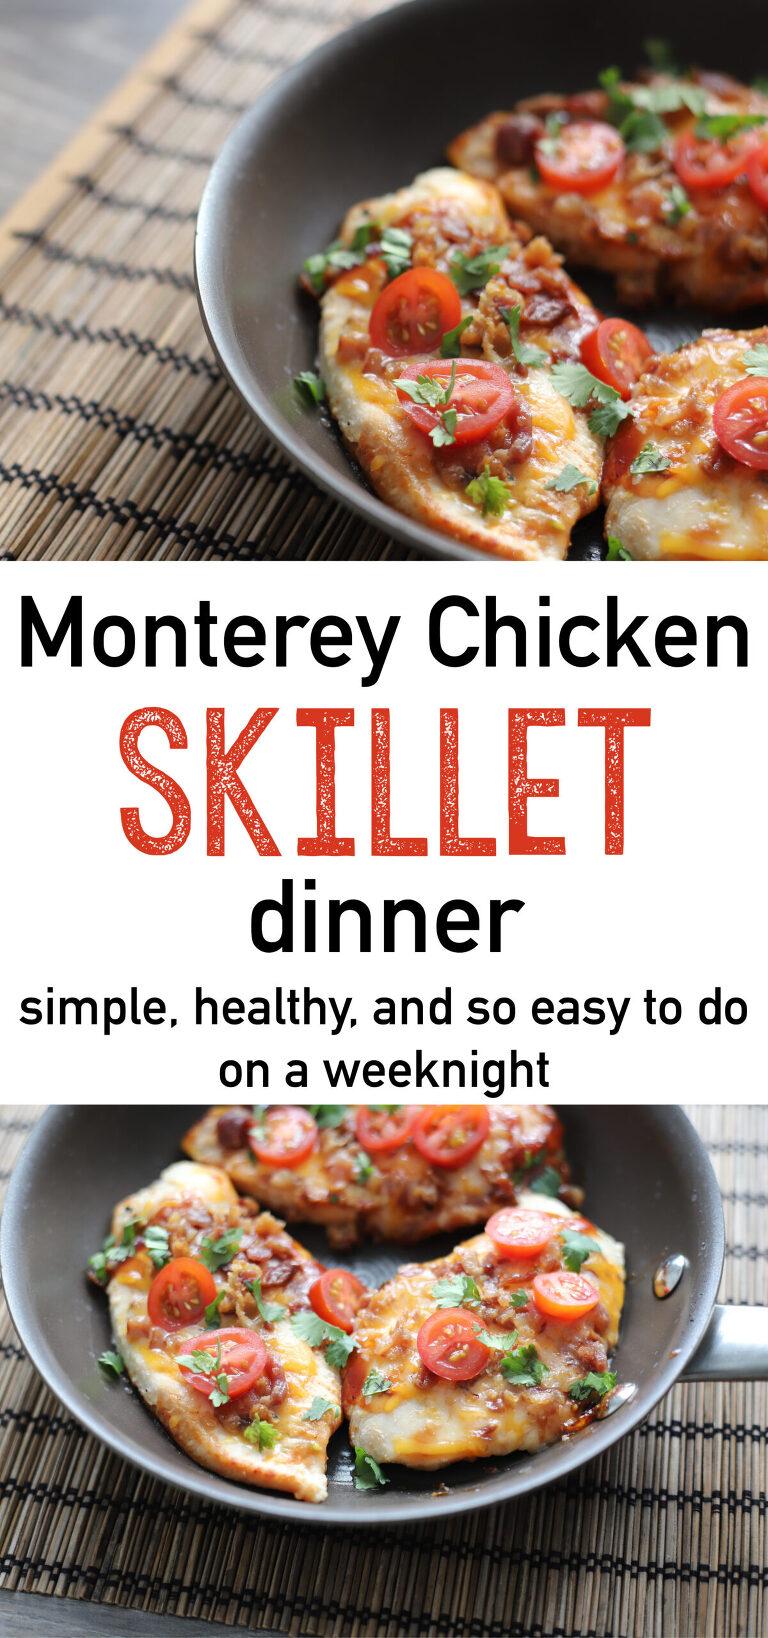 Monterey Chicken Skillet Dinner